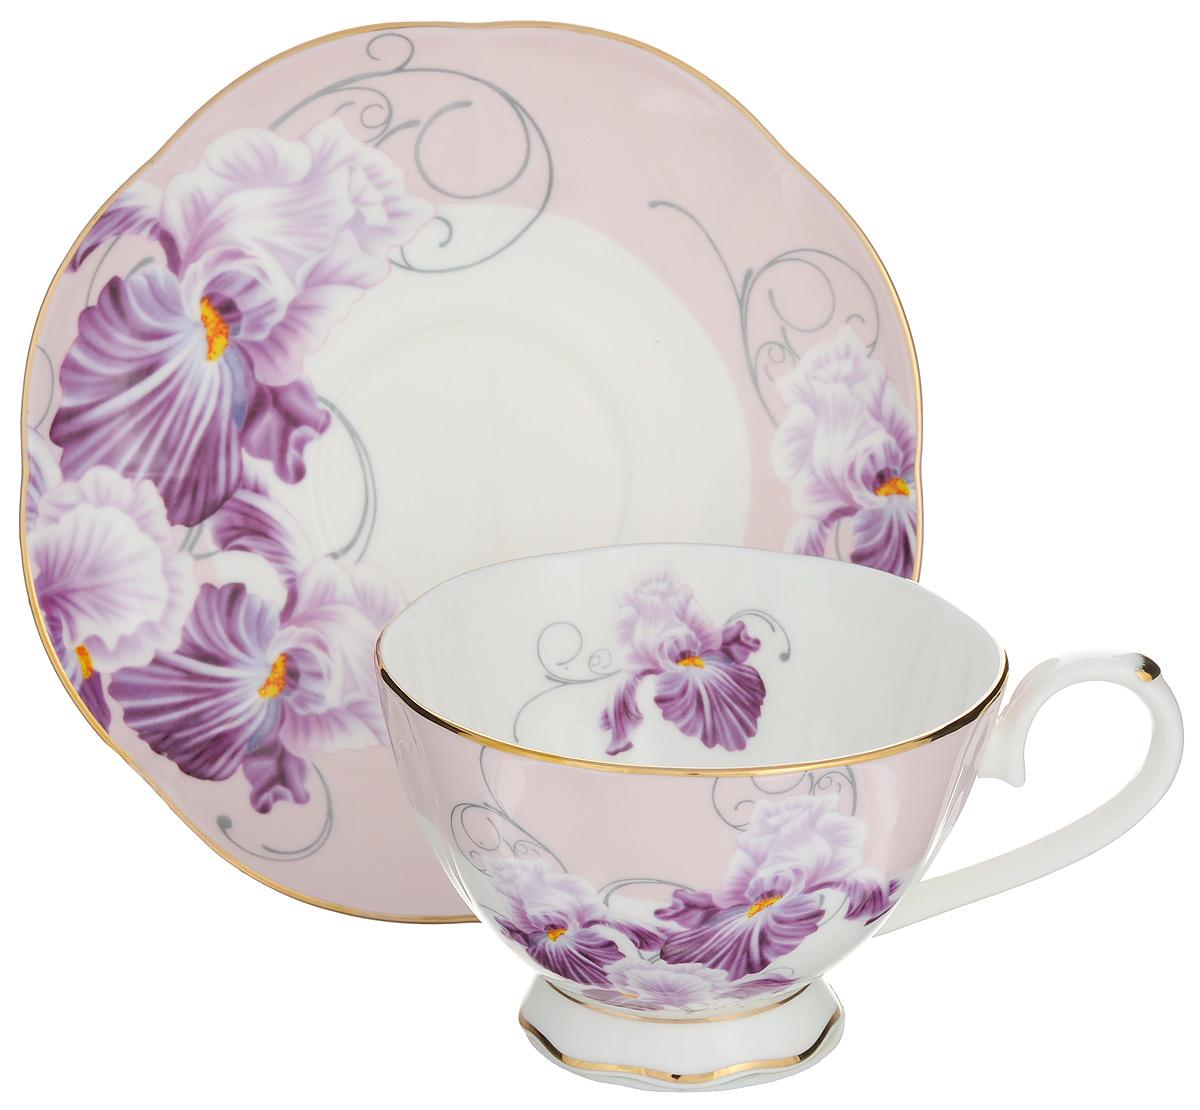 Чайная пара Elan Gallery Ирисы, 2 предмета54 009312Чайная пара Elan Gallery Ирисы состоит из чашки и блюдца, изготовленных из керамики высшего качества, отличающегося необыкновенной прочностью и небольшим весом. Яркий дизайн, несомненно, придется вам по вкусу.Чайная пара Elan Gallery Ирисы украсит ваш кухонный стол, а также станет замечательным подарком к любому празднику.Не рекомендуется применять абразивные моющие средства. Не использовать в микроволновой печи.Объем чашки: 230 мл.Диаметр чашки (по верхнему краю): 10 см.Высота чашки: 7 см.Диаметр блюдца (по верхнему краю): 16 см.Высота блюдца: 2 см.